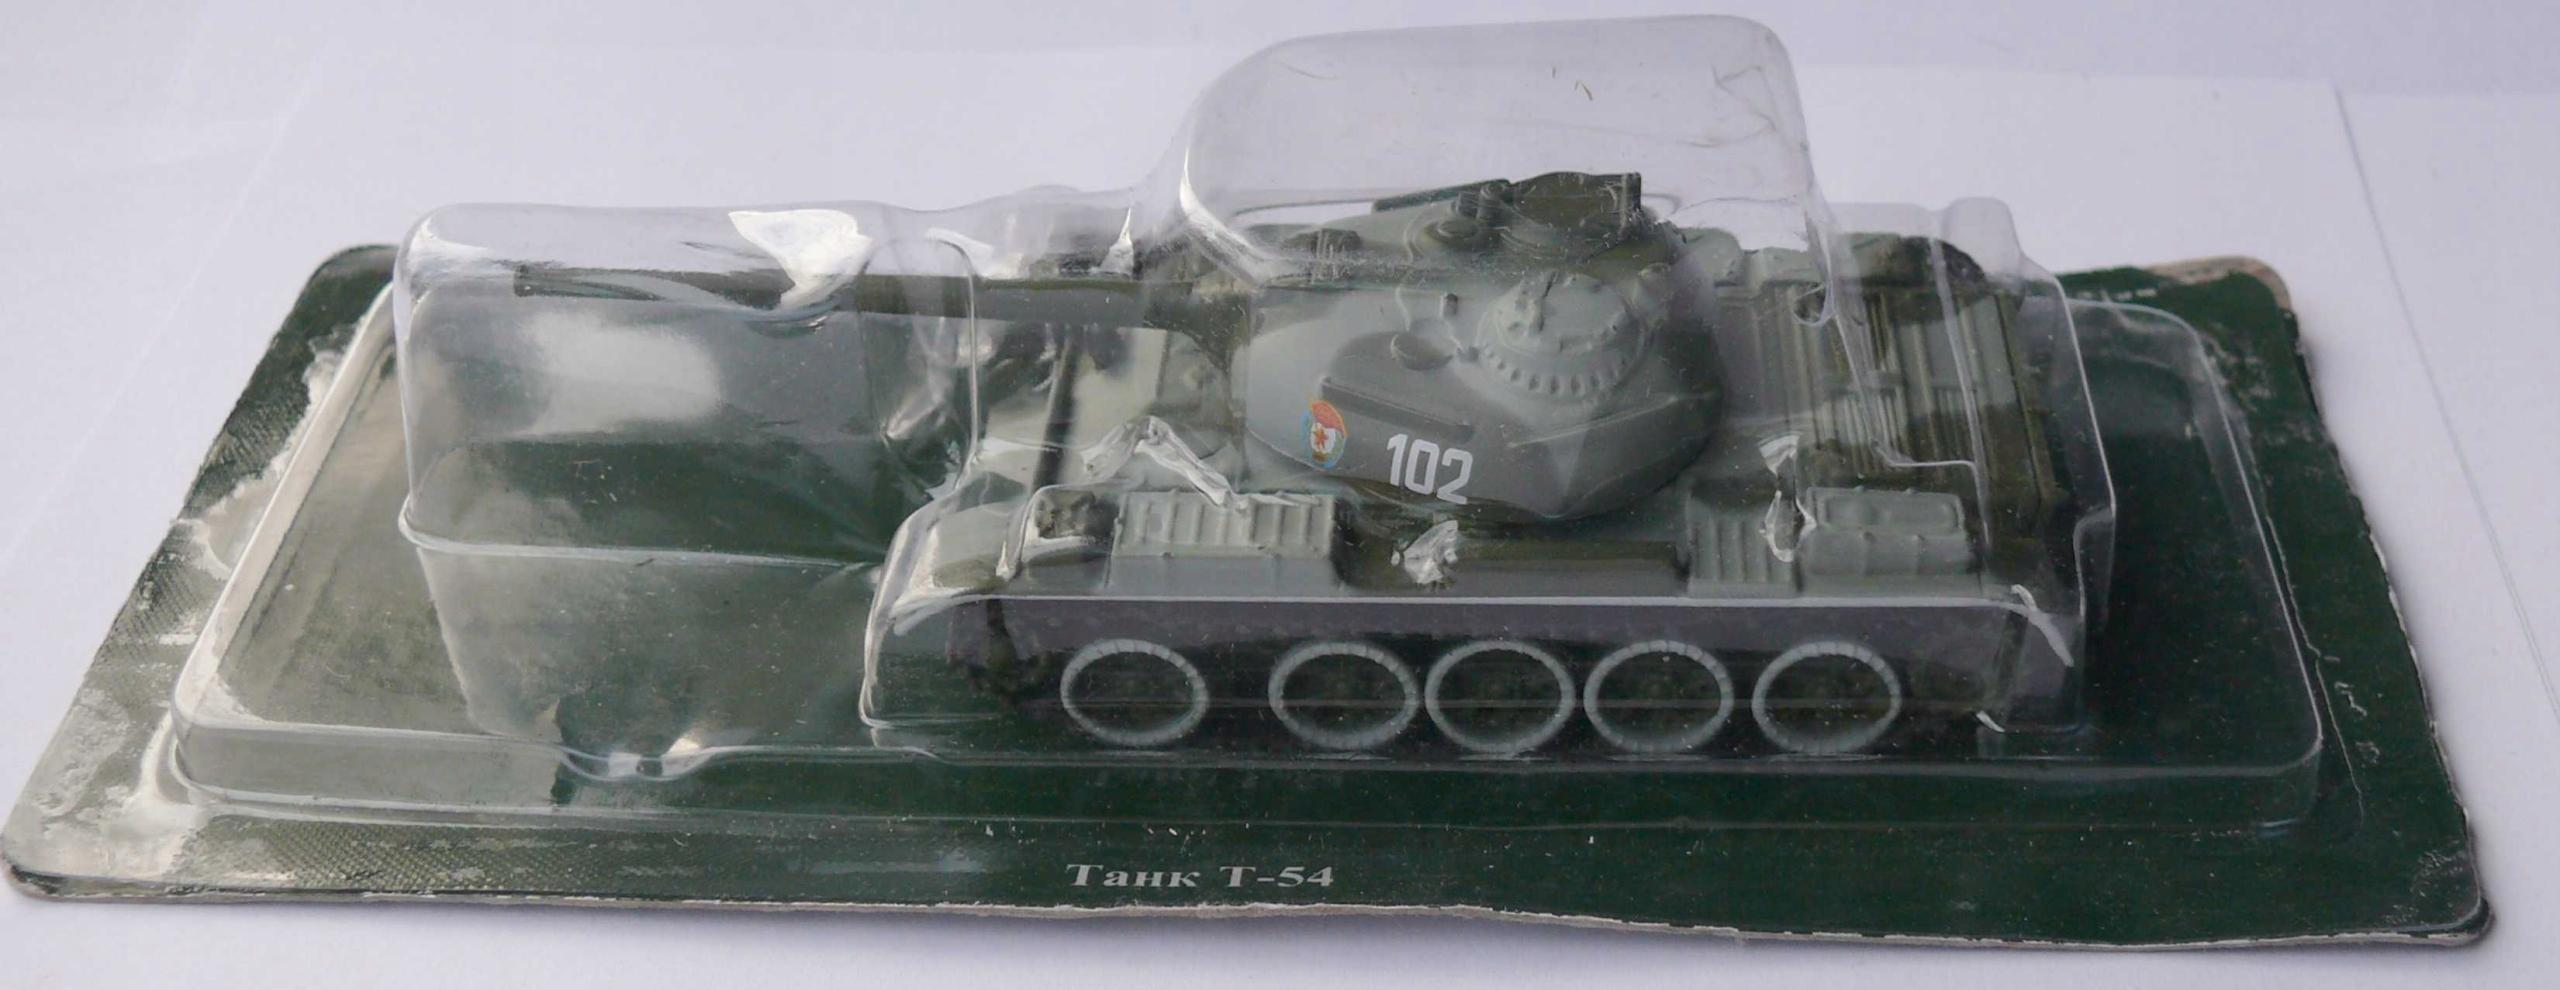 Czołg T-54 zielono szary skala 1/72